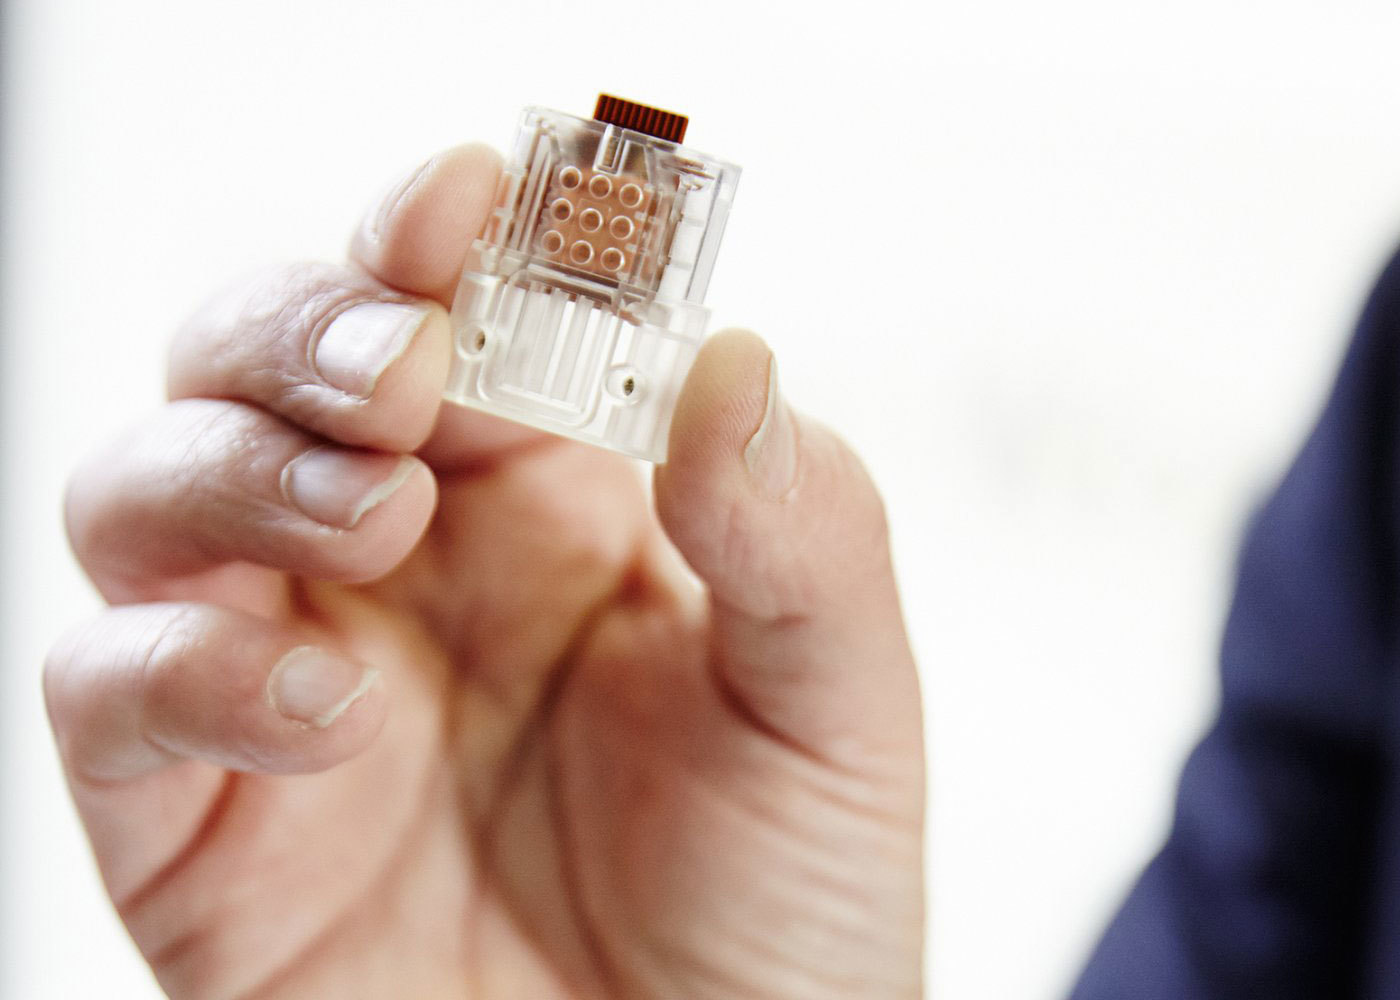 Устройство размером с флешку может выявить ВИЧ всего за полчаса - 1